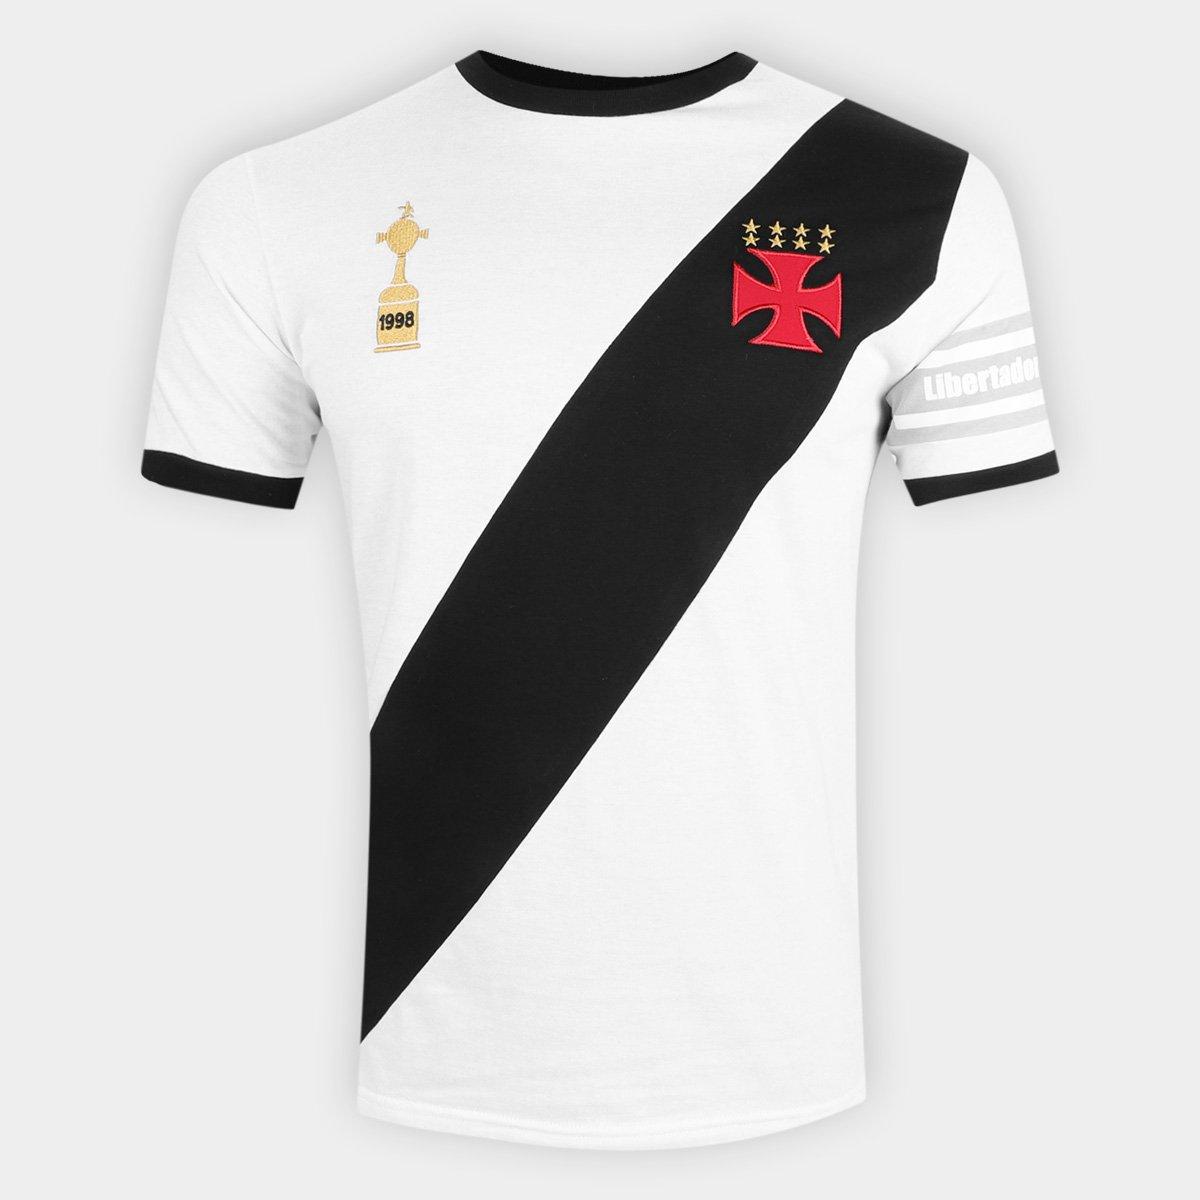 Camiseta Vasco Capitães Libertadores 1998 n° 4 Masculina ba70dd7c7a66c